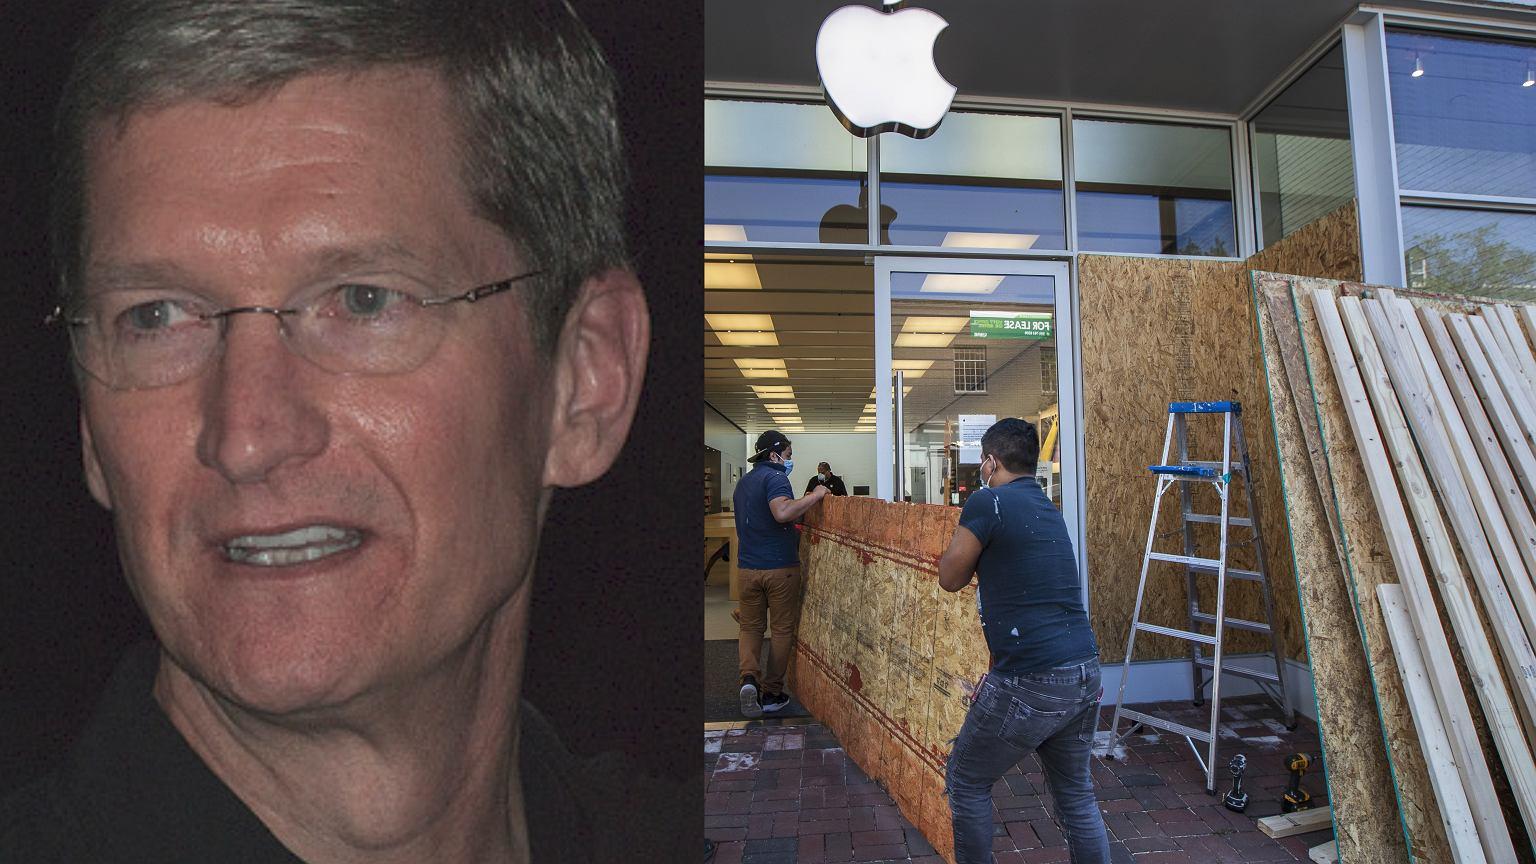 Zamieszki w USA po śmierci George'a Floyda. Tim Cook, szef Apple, w liście do pracowników: Stwórzmy lepszy świat | Biznes na Next.Gazeta.pl